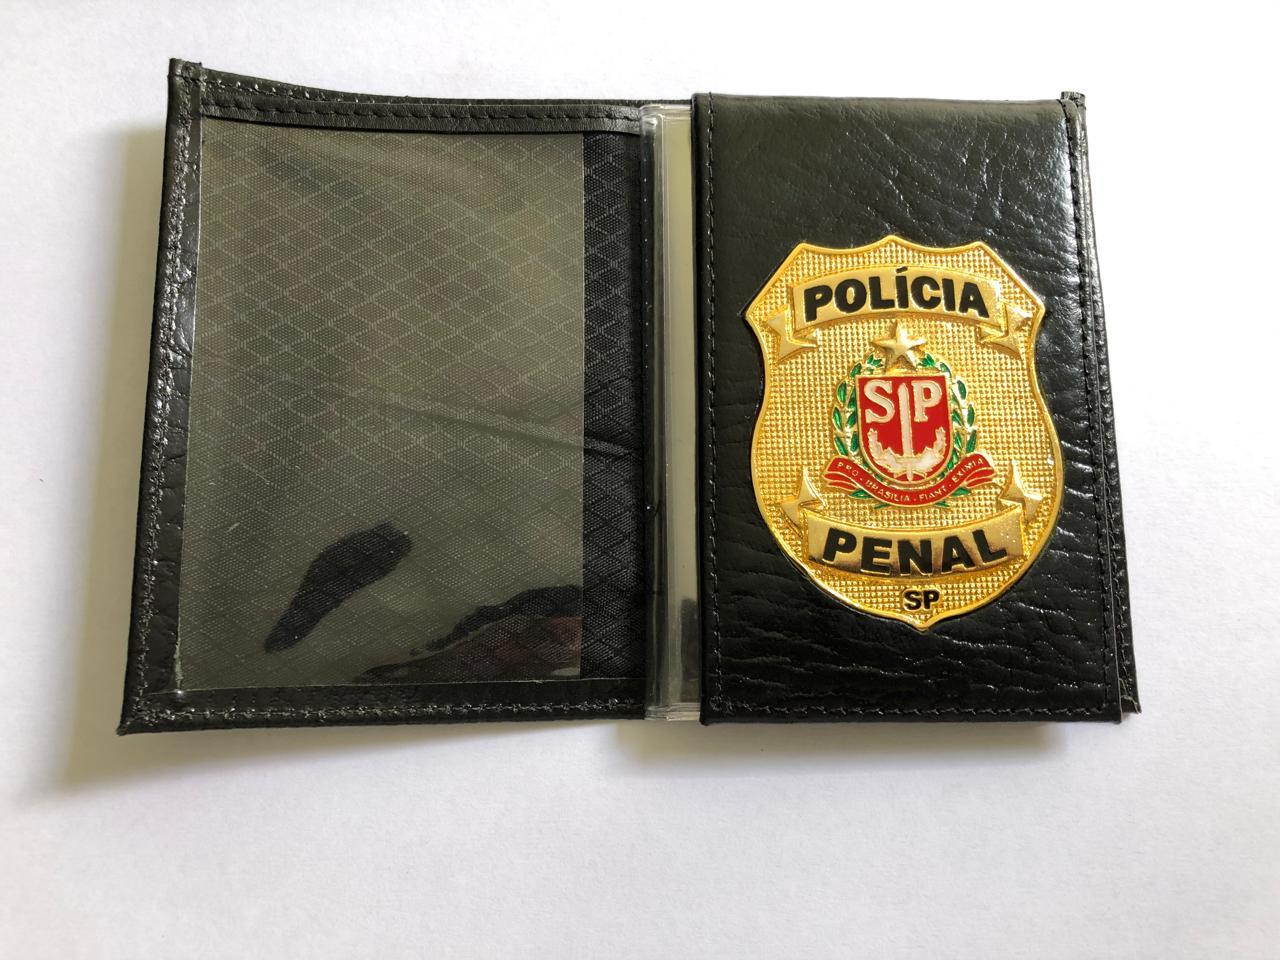 Polícia Penal de São Paulo